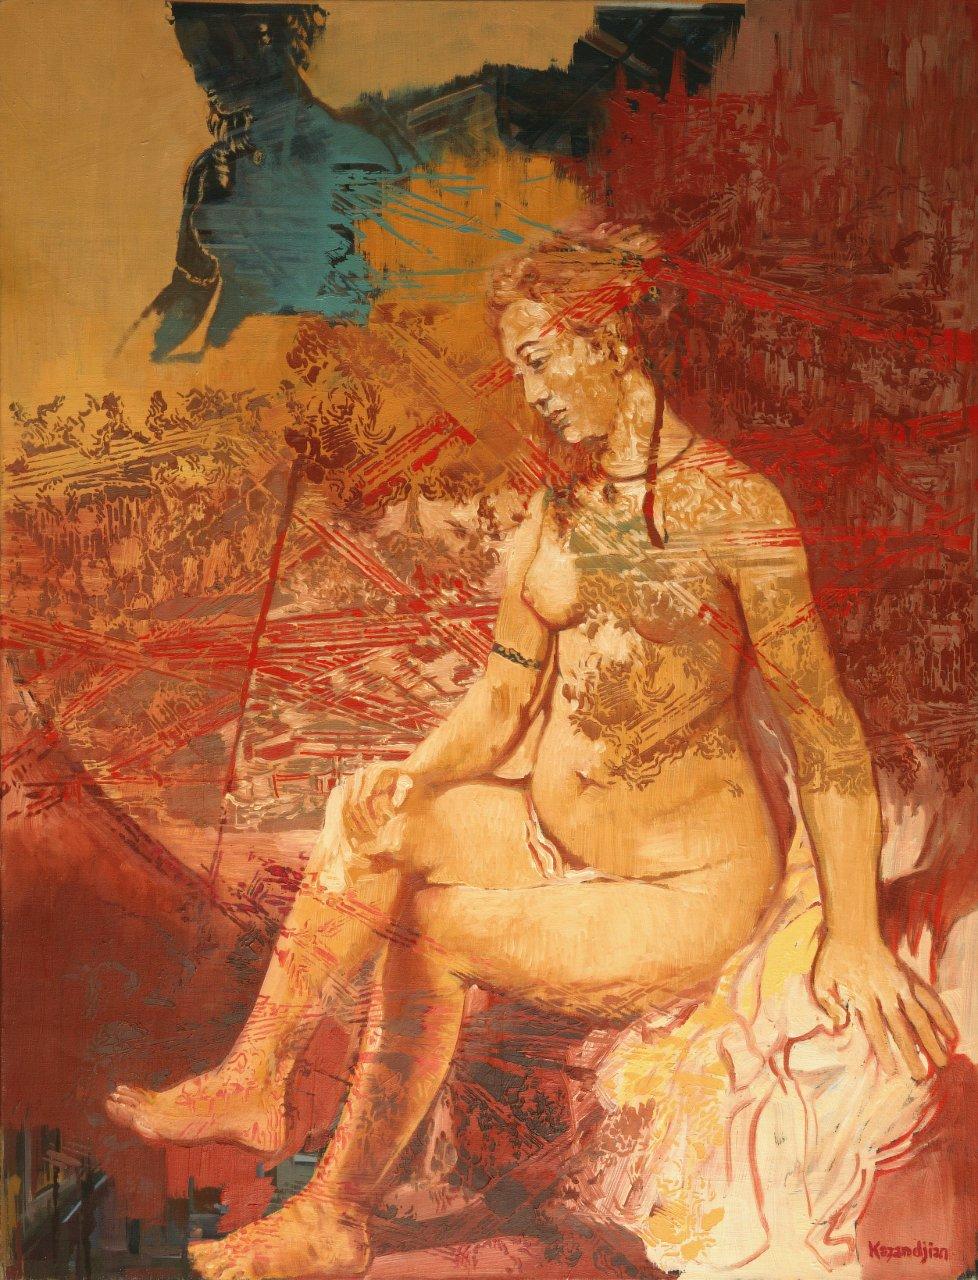 Bathsheba at Her Bath - after Rembrandt